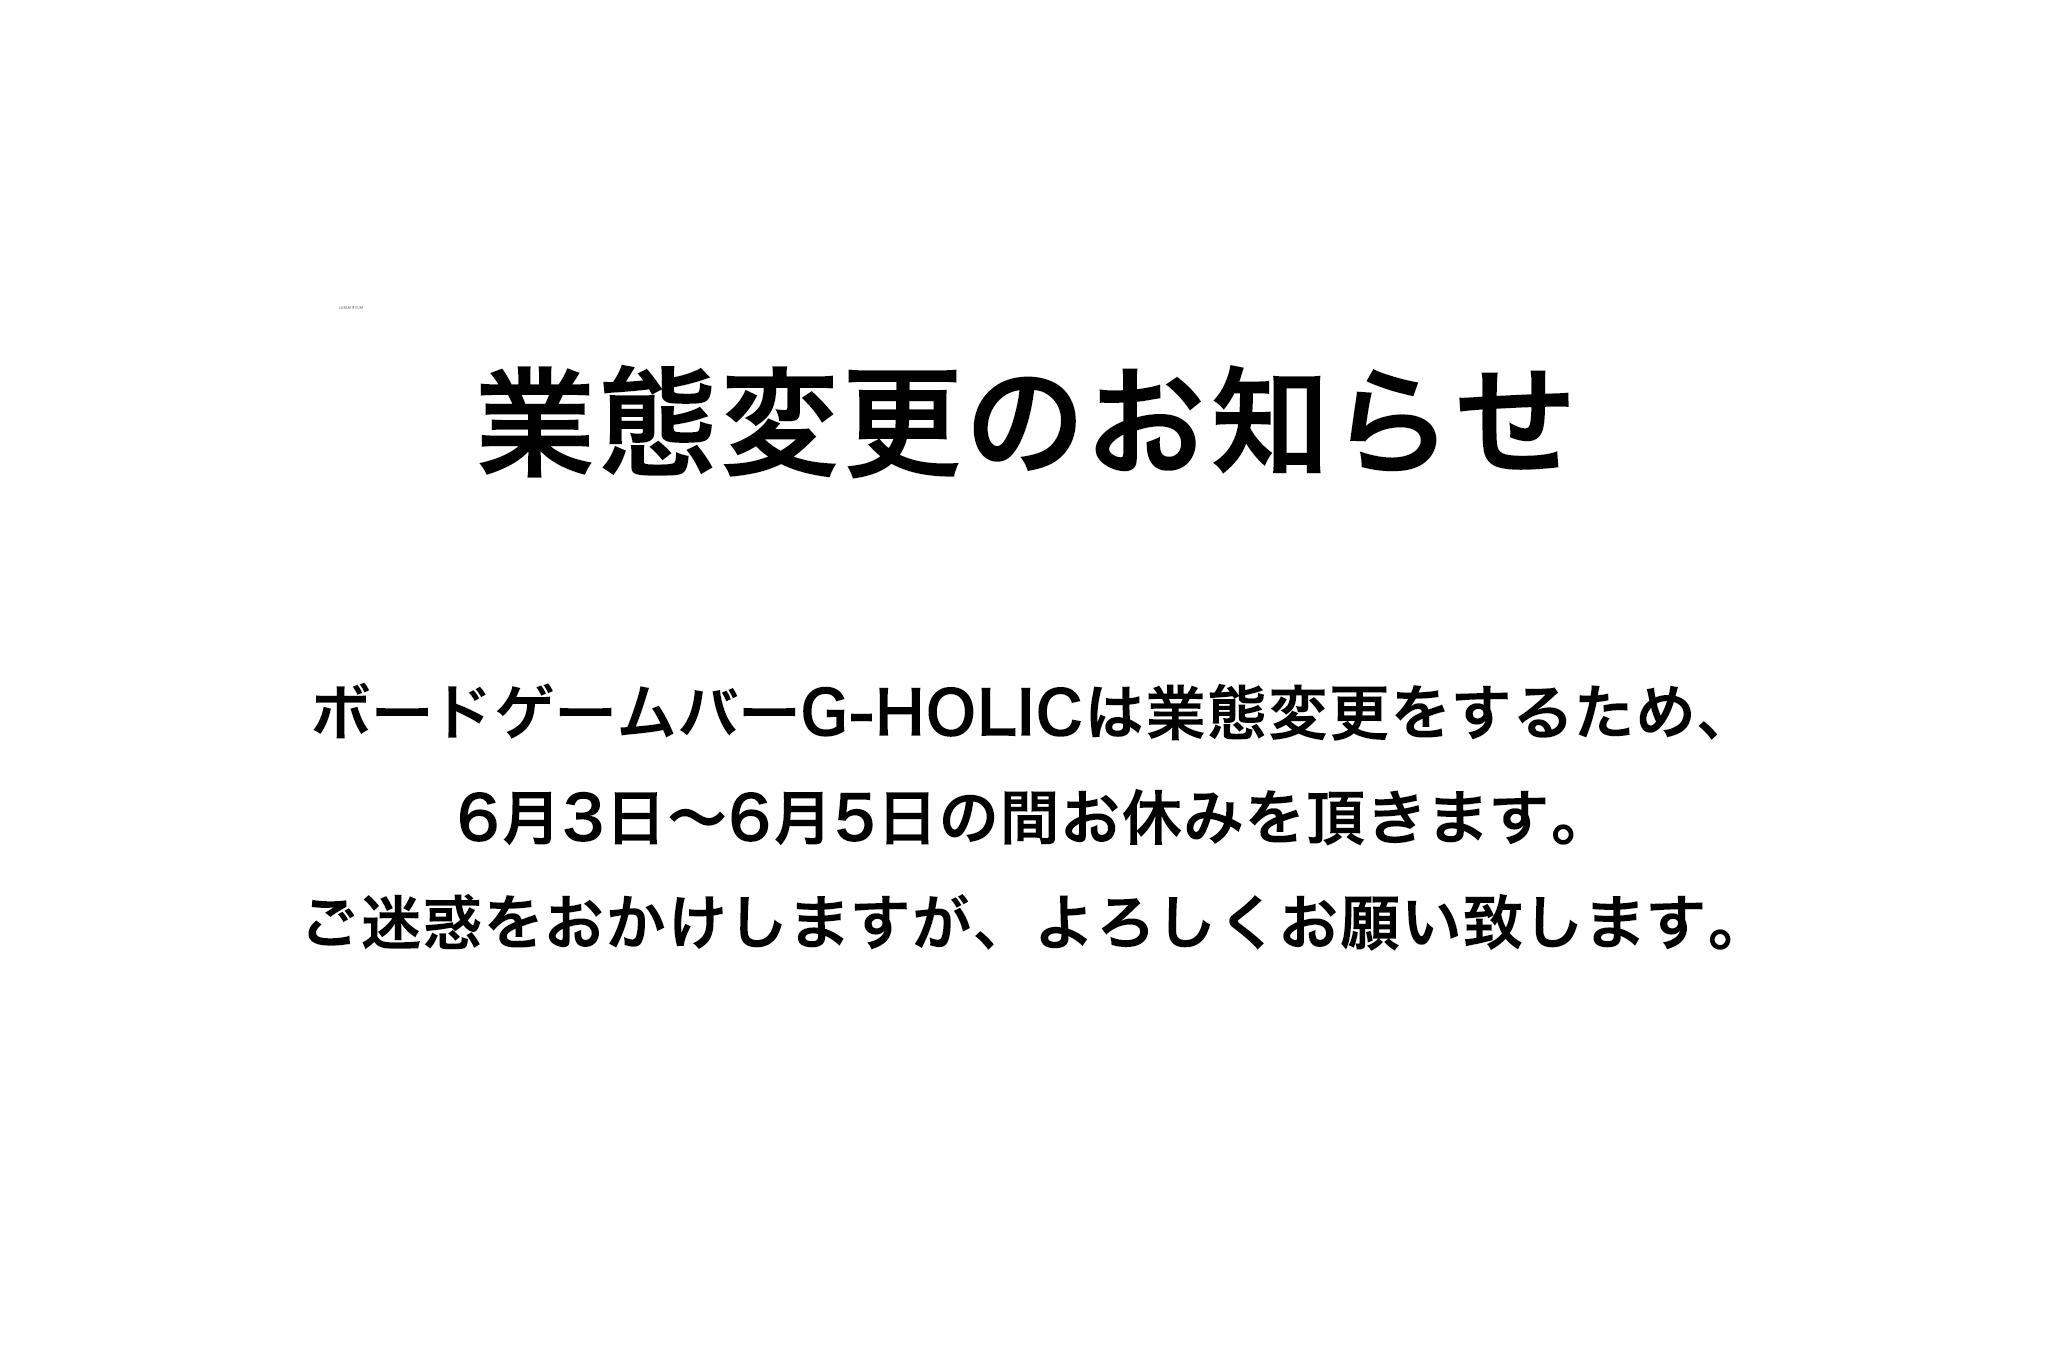 ボードゲームバーG-HOLIC-大阪梅田店